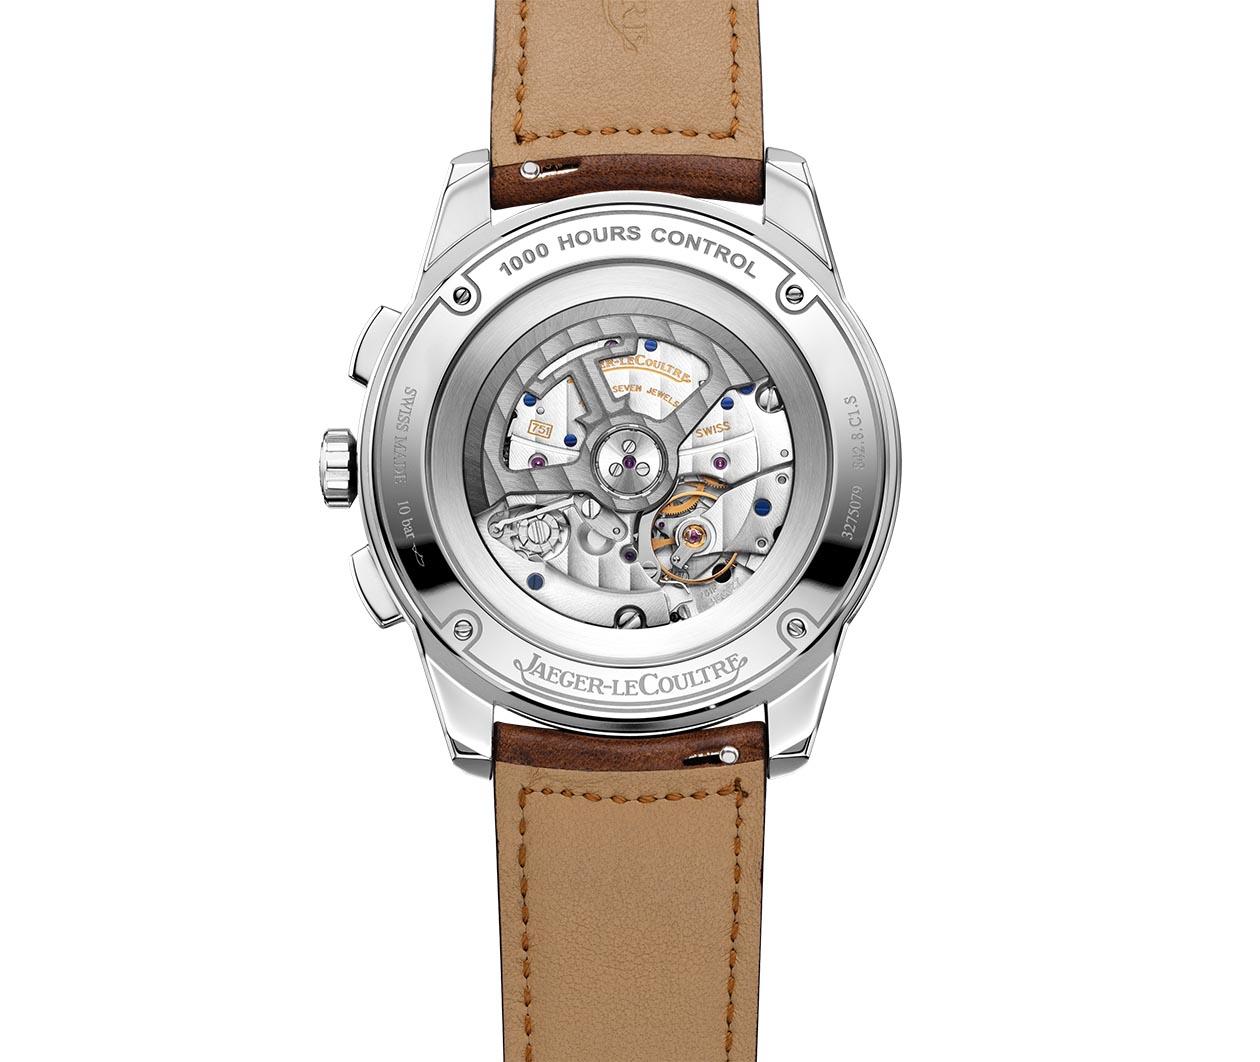 JaegerLeCoultre Polaris Chronograph 9028471 Carousel 3 FINAL